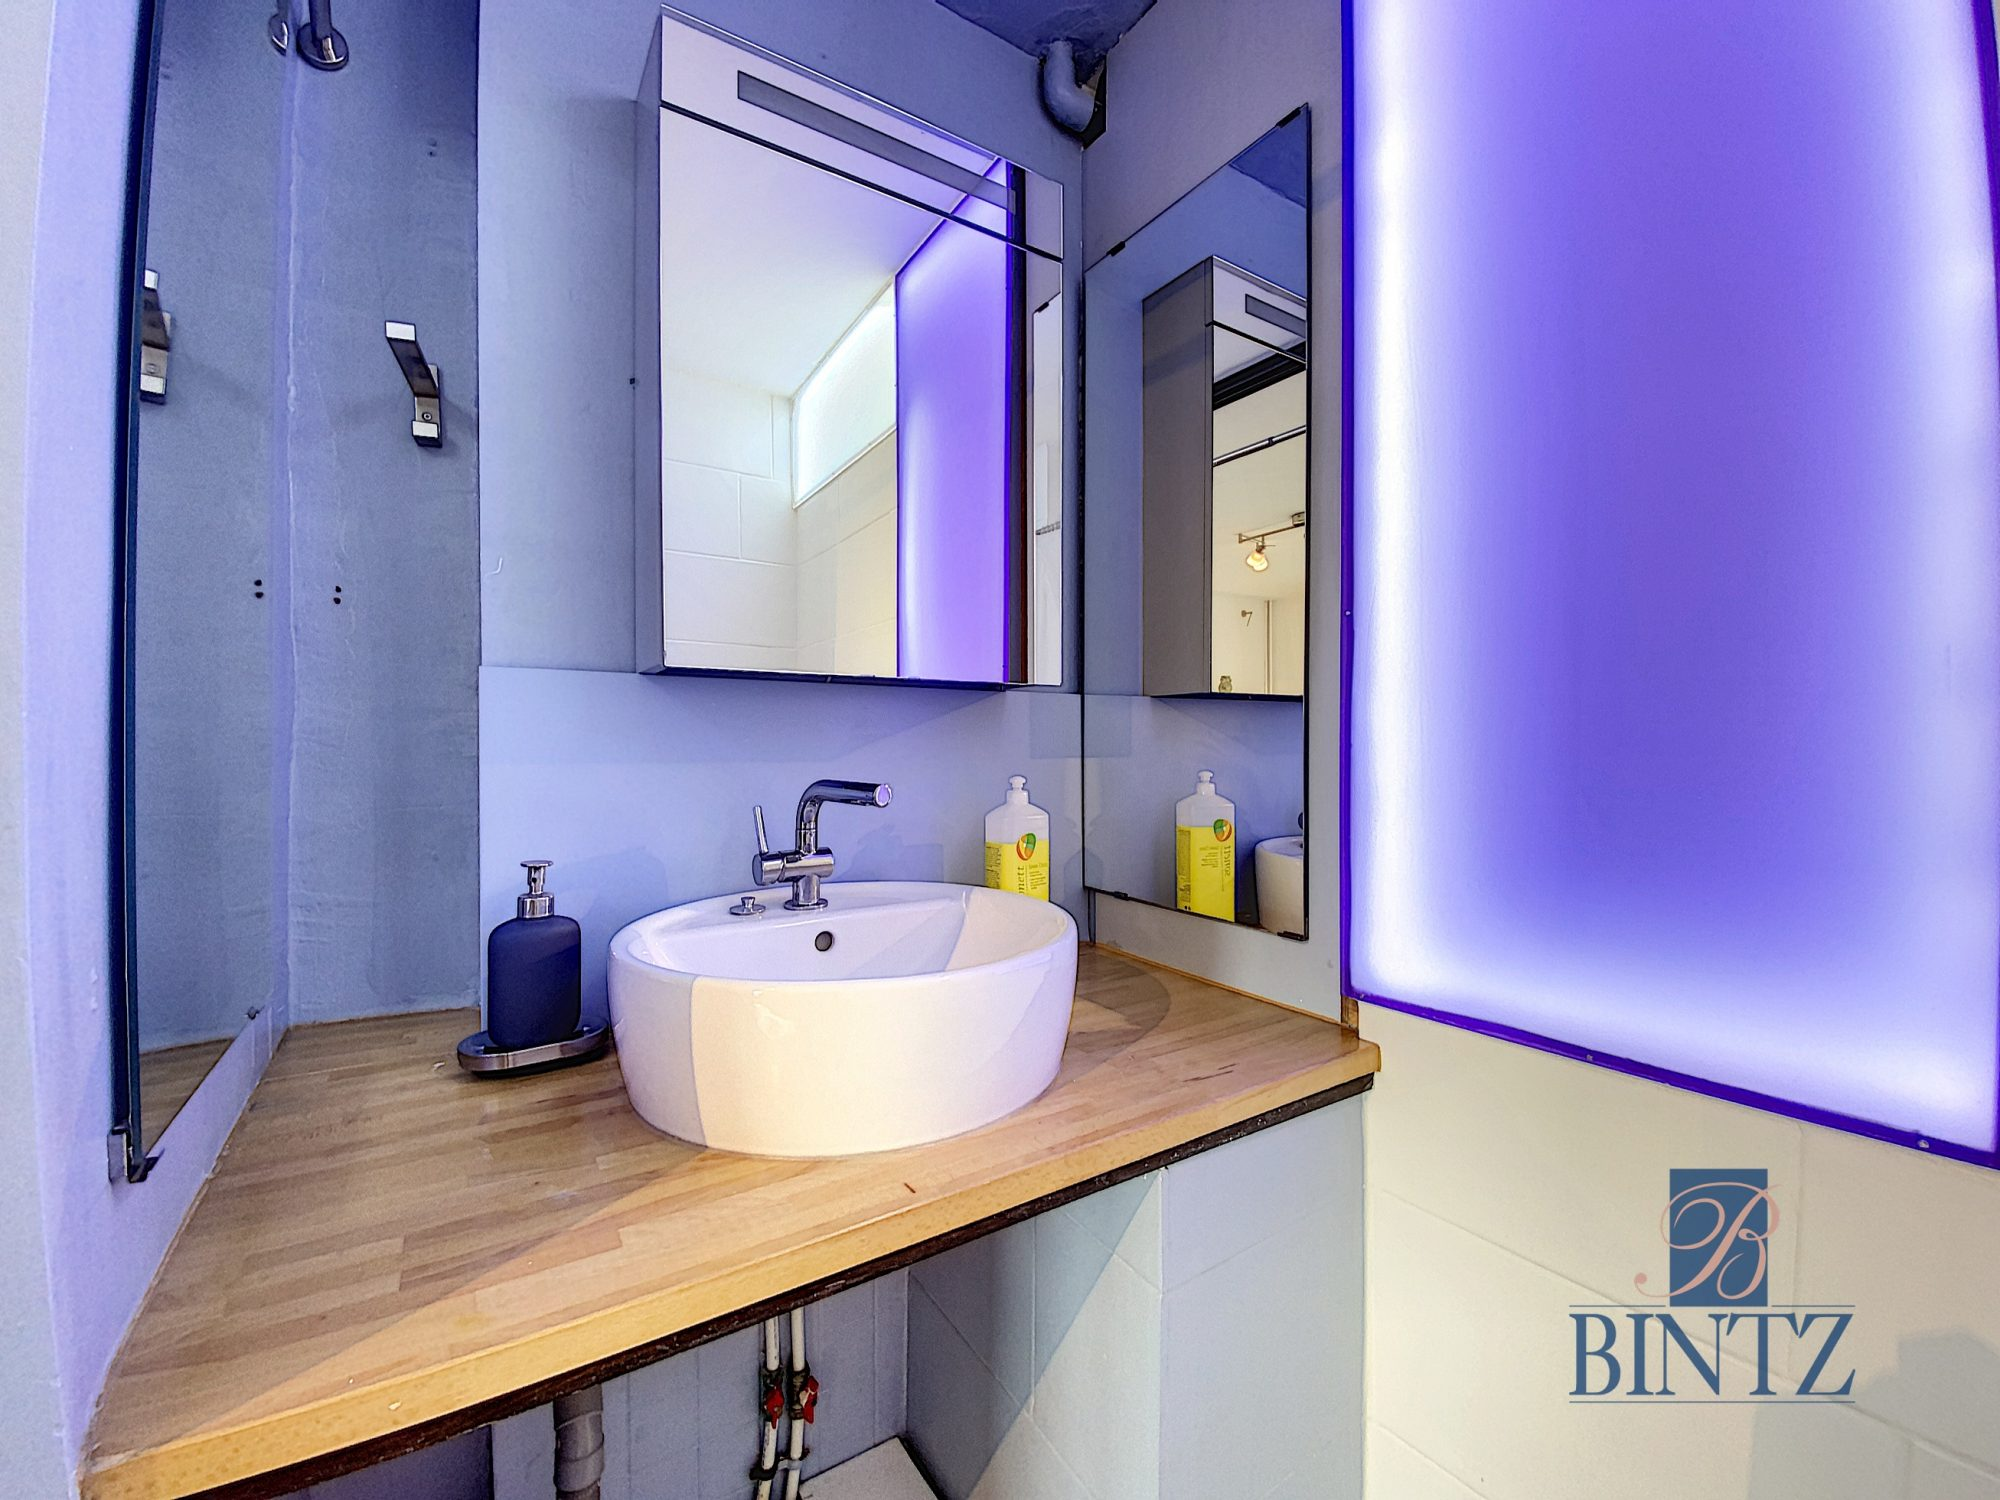 2P MEUBLÉ FG NATIONAL AVEC BALCON - Devenez locataire en toute sérénité - Bintz Immobilier - 9